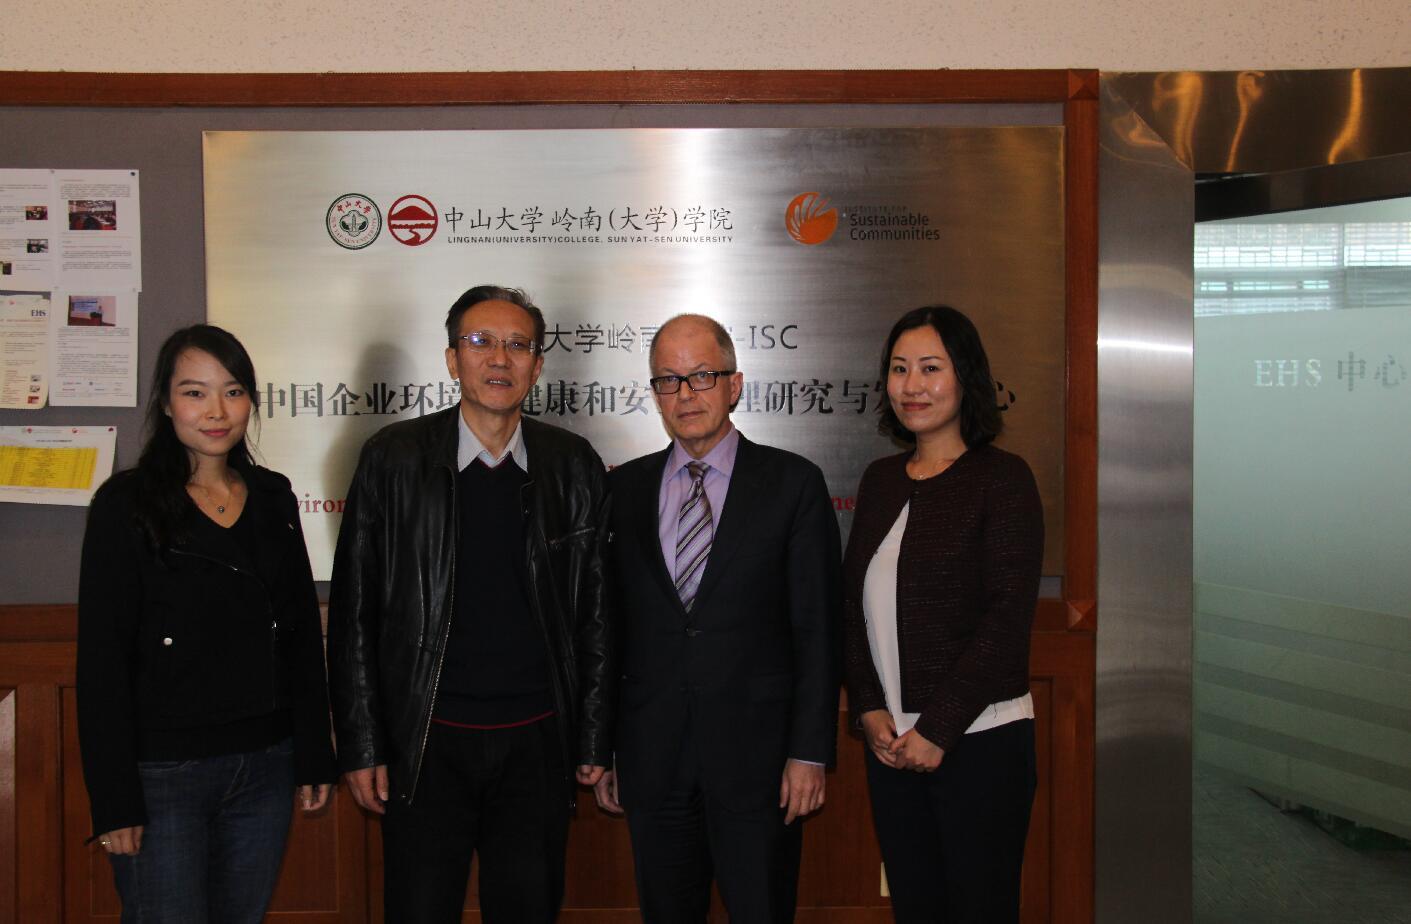 加拿大驻广州总领事馆领事造访EHS中心